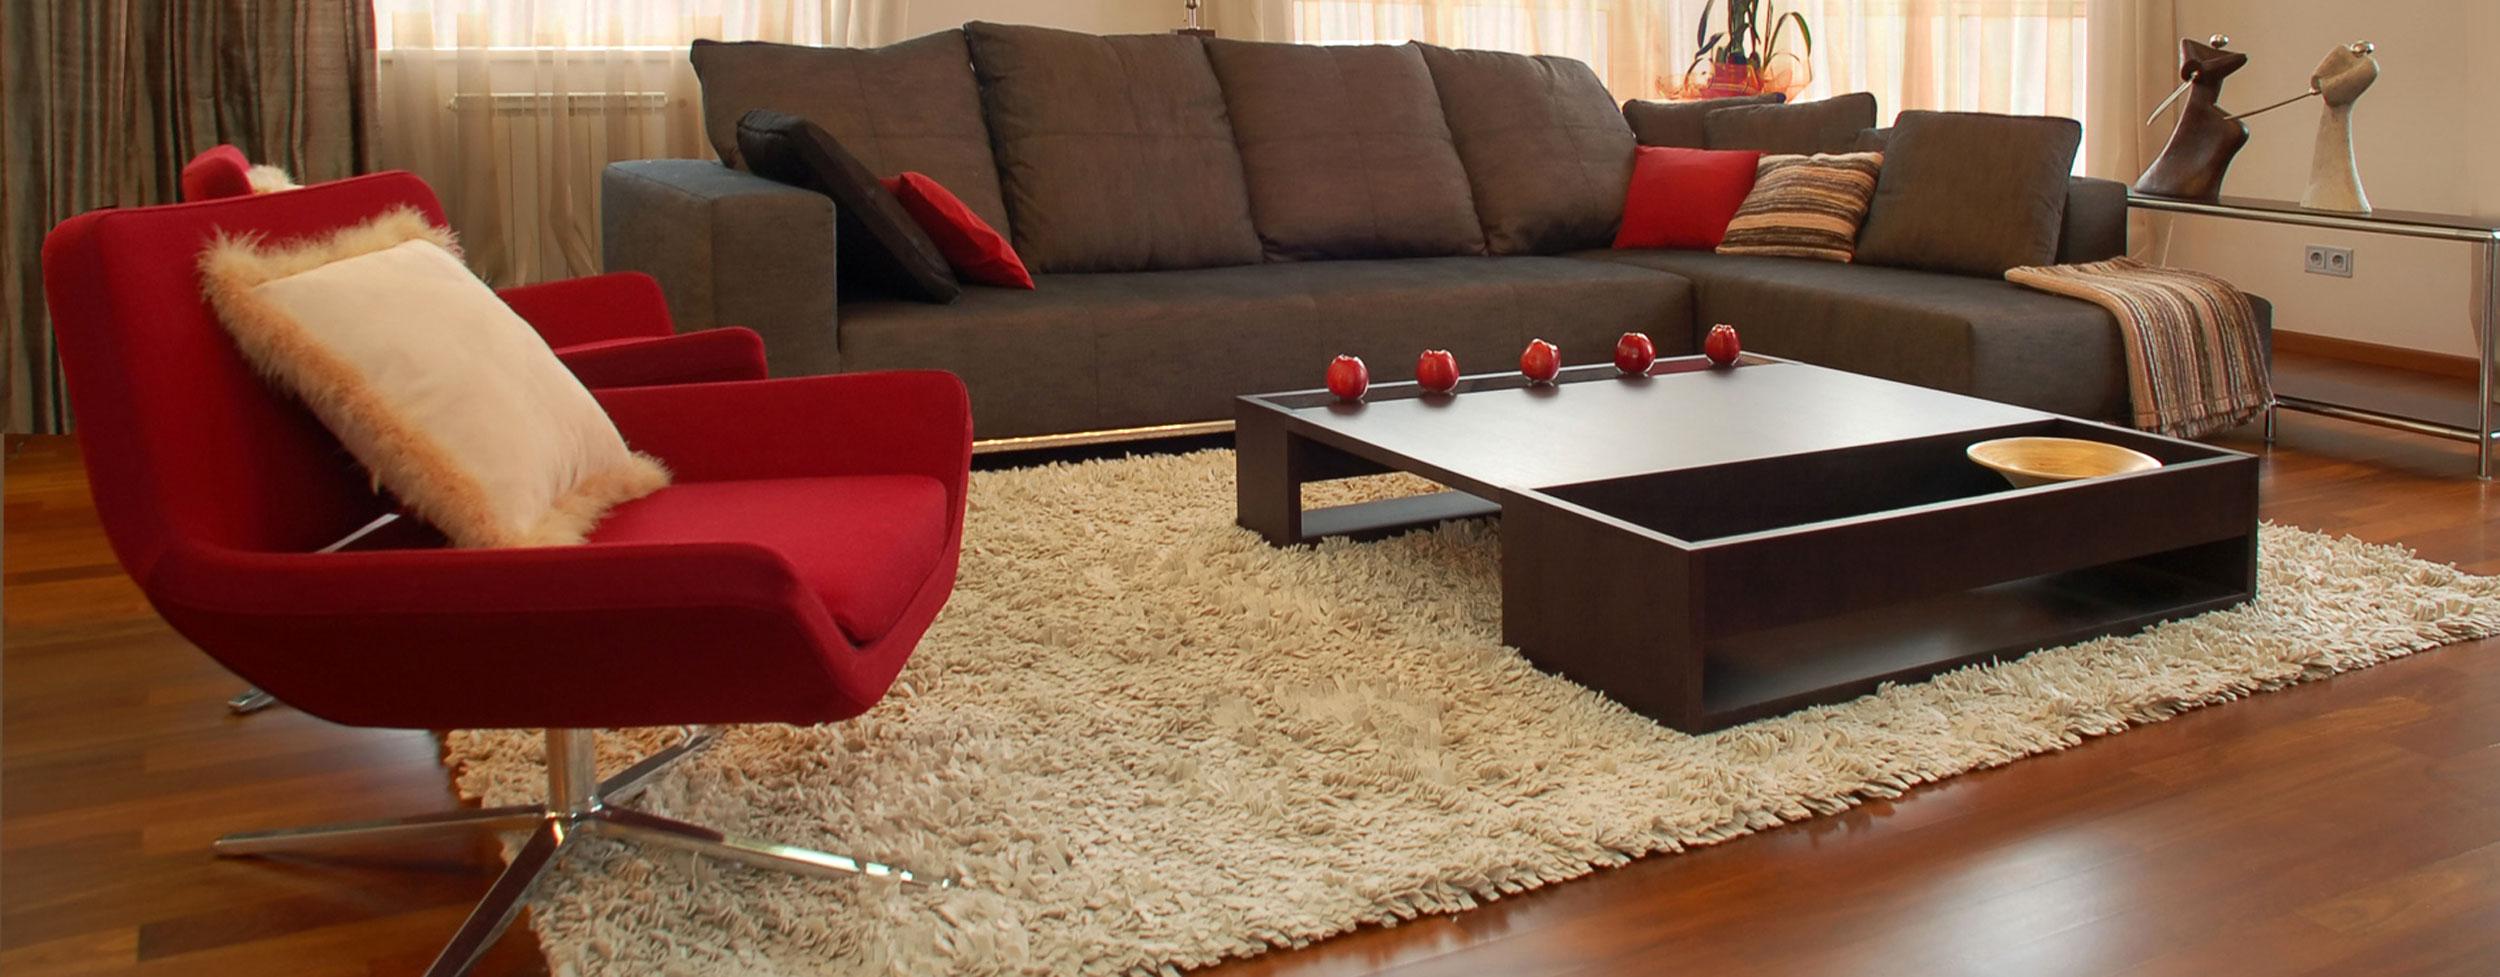 Los muebles usados otra opci n para decorar su casa el for Los muebles mas baratos